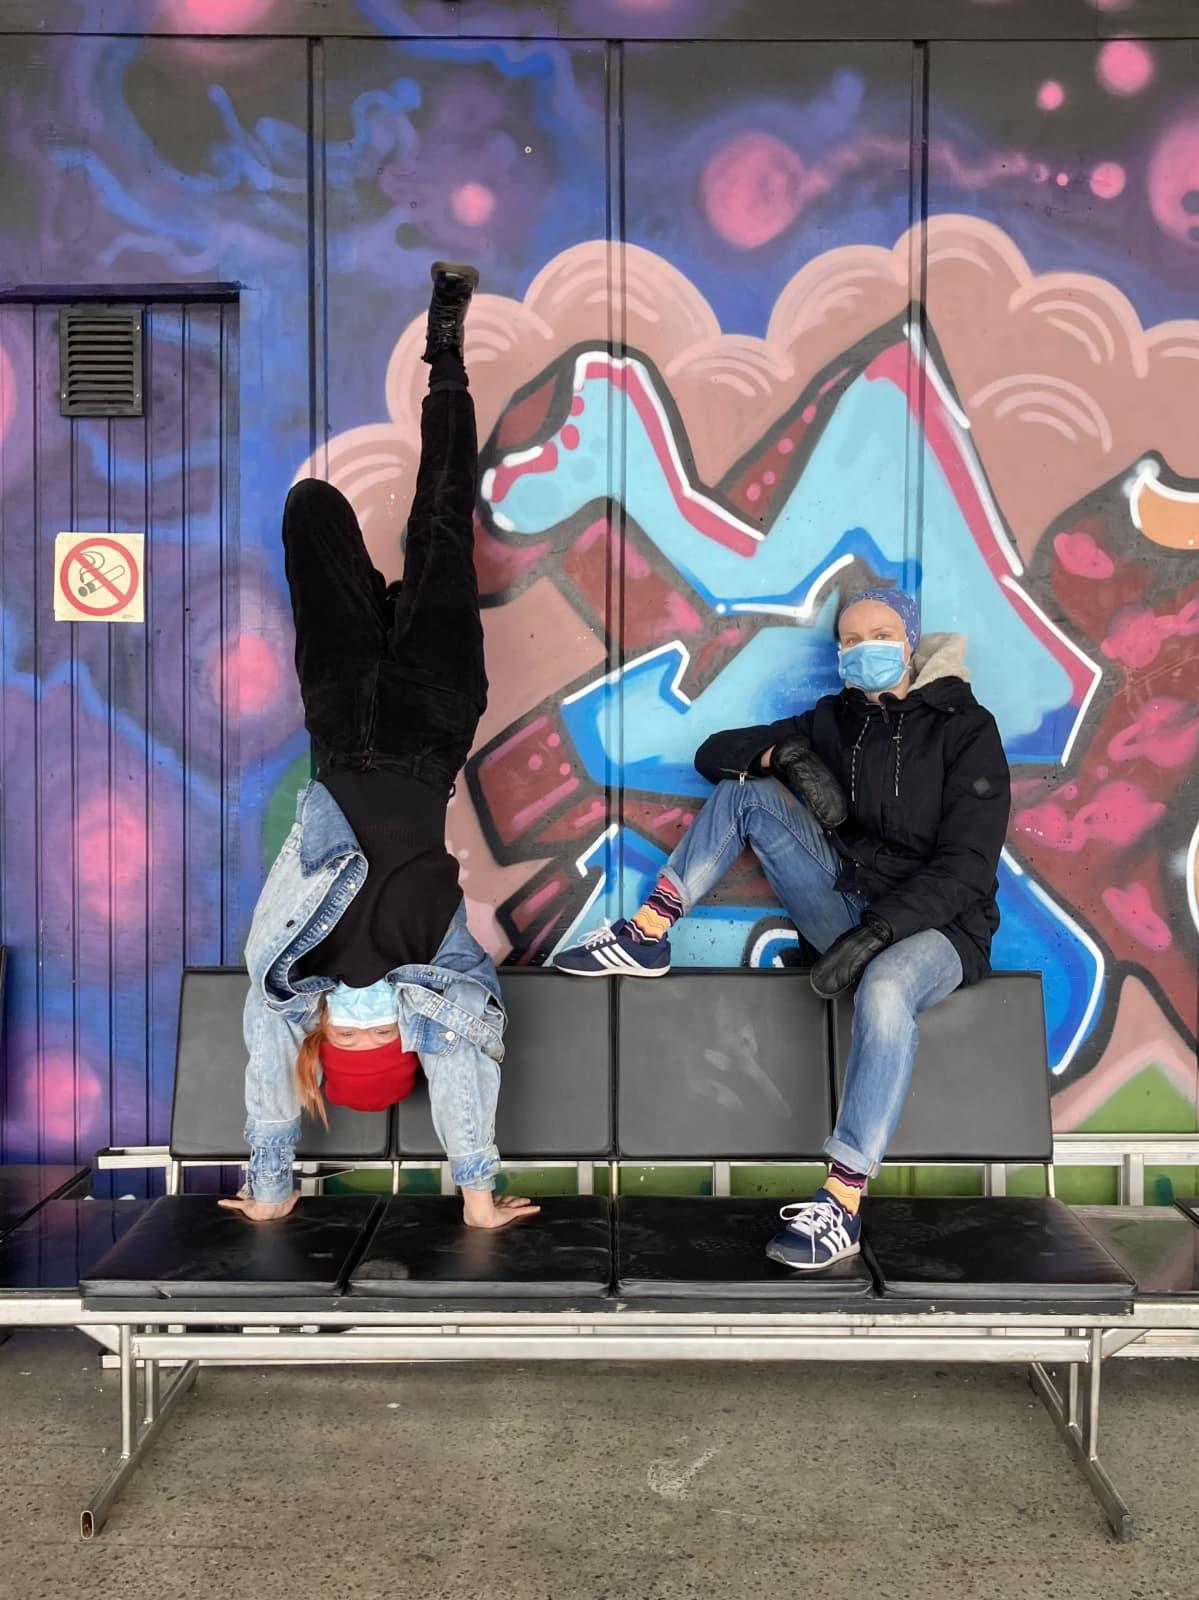 Valpuri Kaarninen istuu penkillä ja Rosa-Maria Autio seisoo käsillään hänen vieressään. Taustalla on sirkuksen iloisenvärinen graffitiseinä.